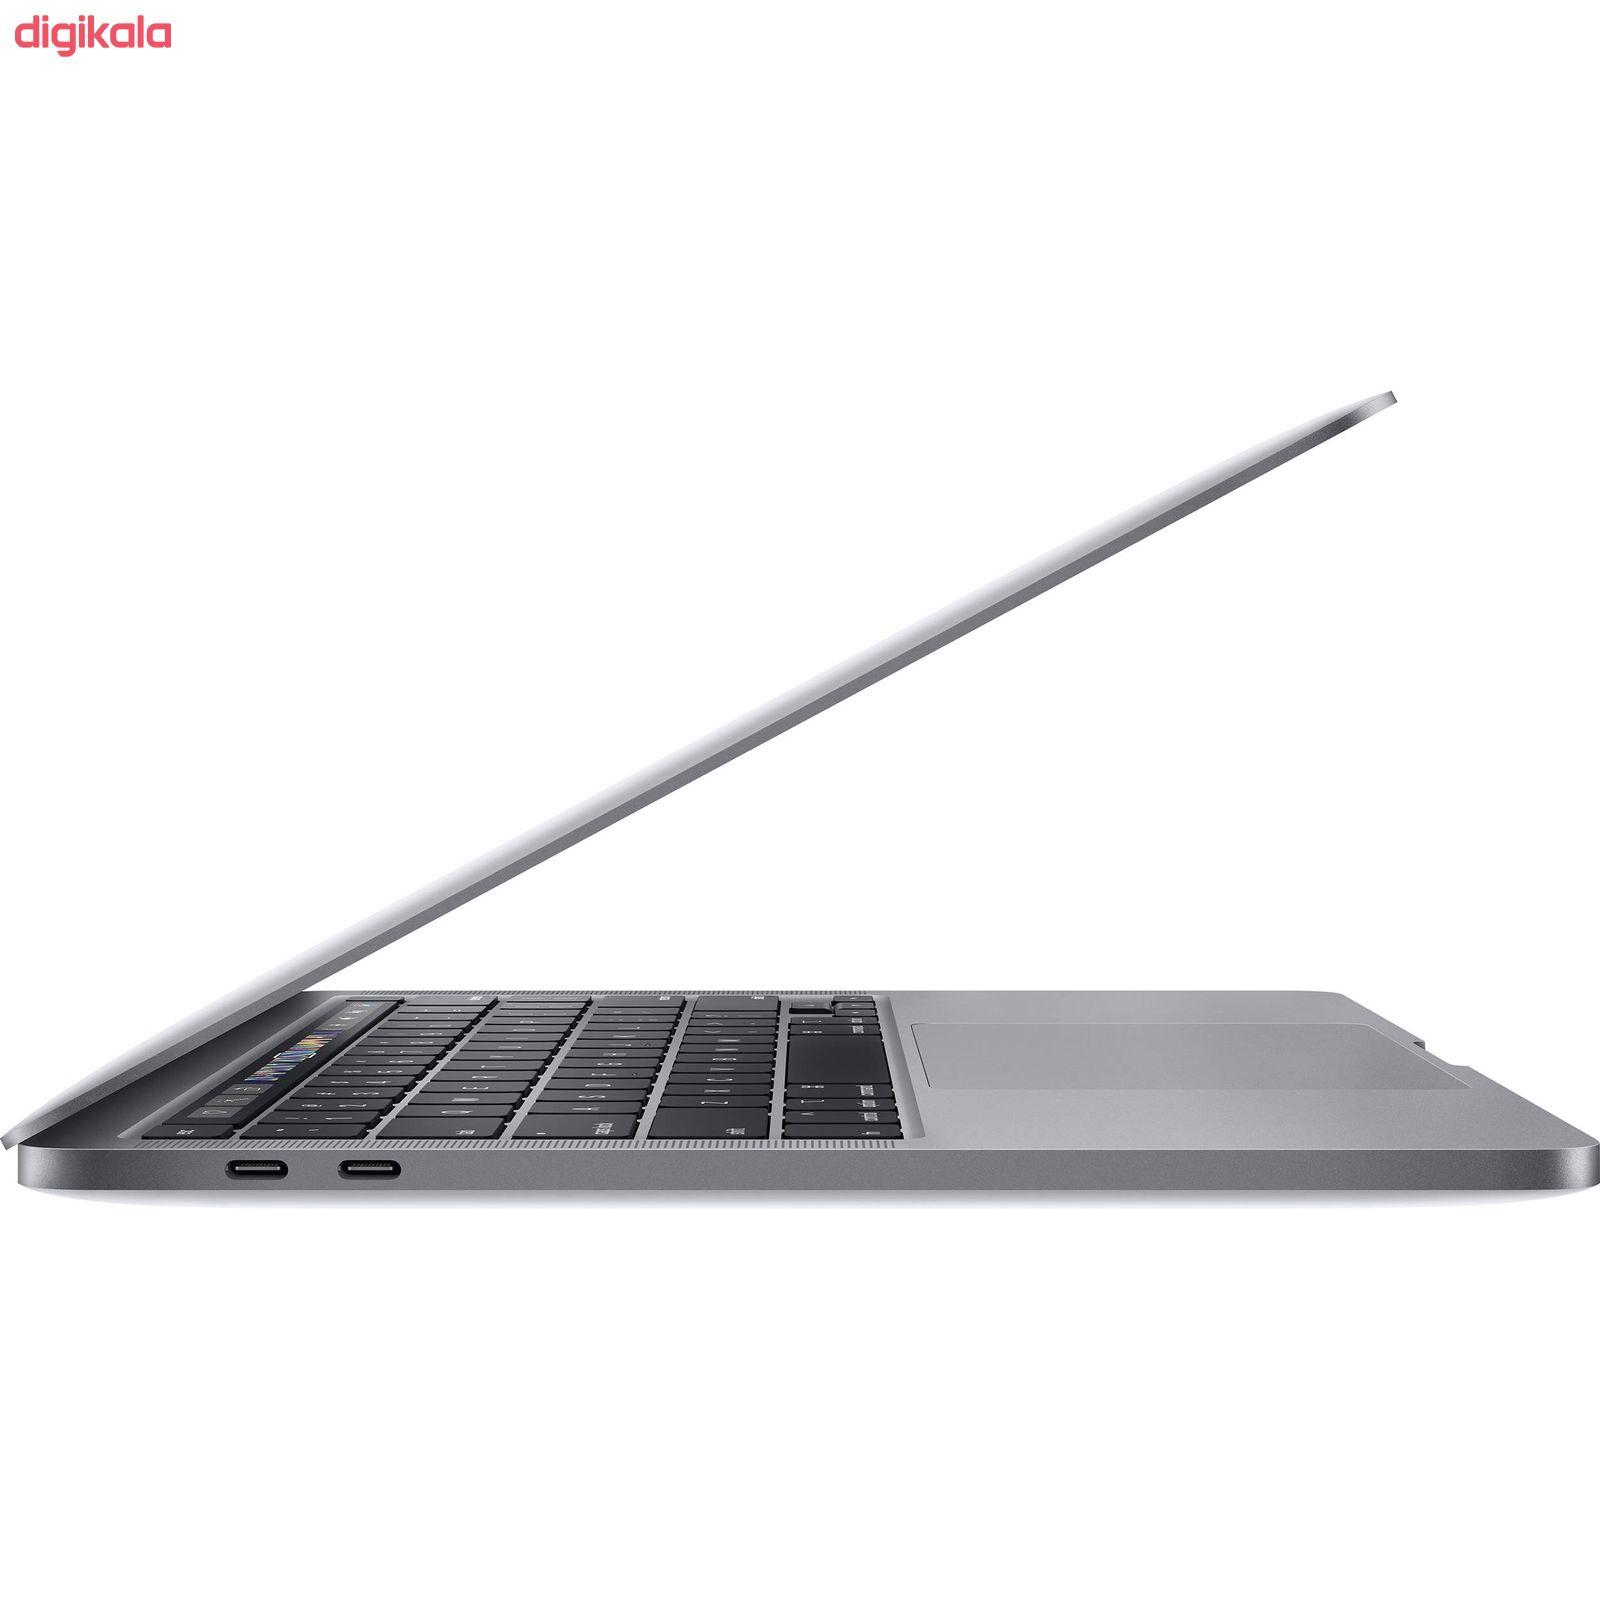 لپ تاپ 13 اینچی اپل مدل MacBook Pro MXK32 2020 همراه با تاچ بار  main 1 2